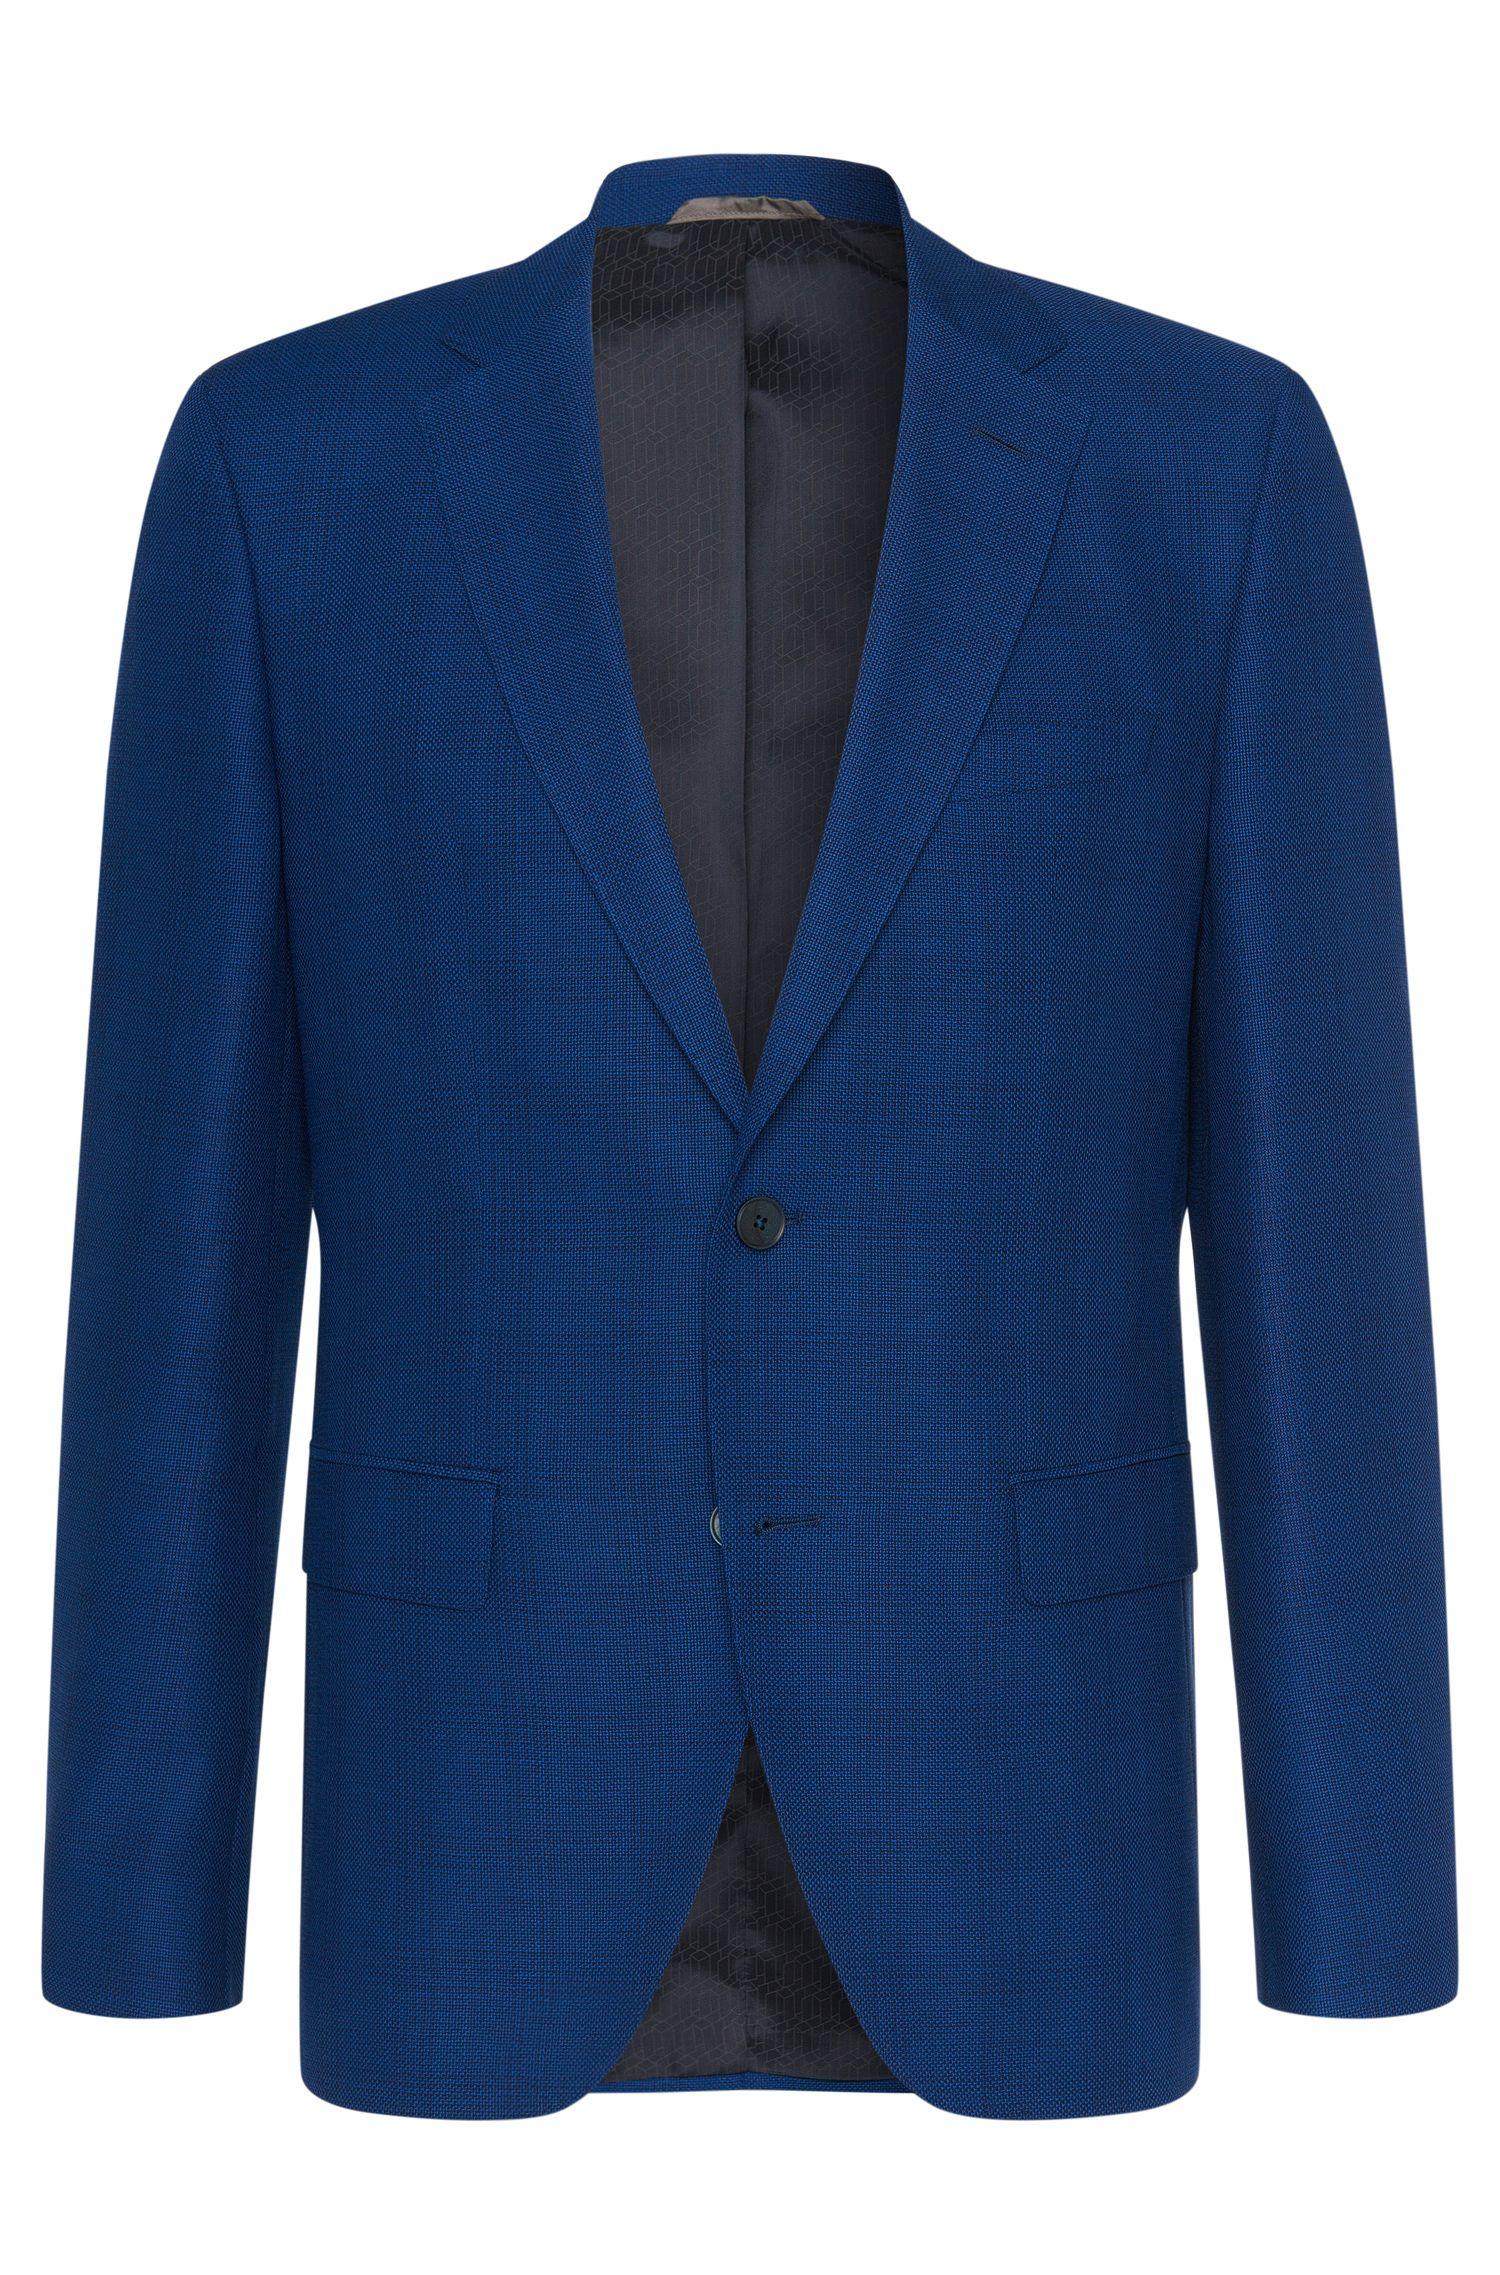 Super 100 Virgin Wool Sport Coat, Regular Fit | Jewels